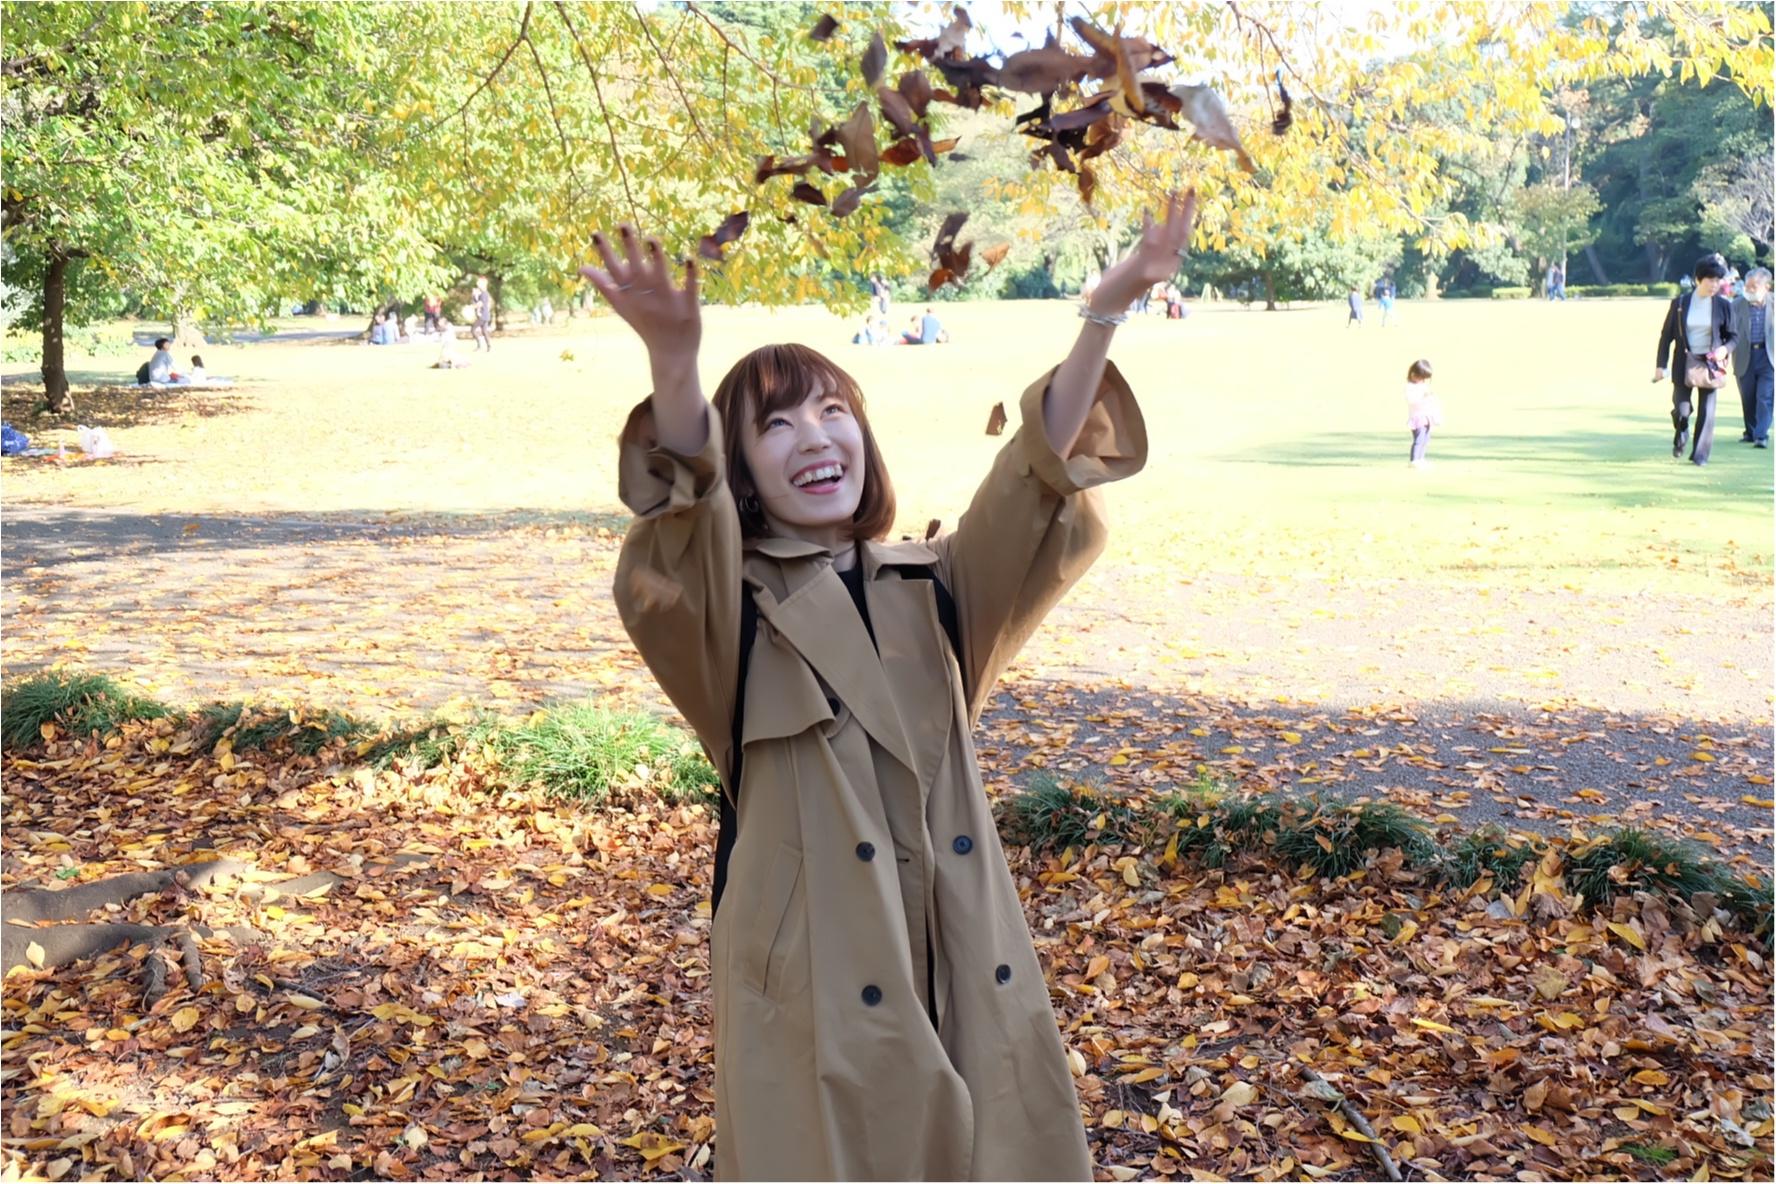 東京でも絶景の紅葉が!《新宿御苑》で秋が始められますよ〜!!フォトスポット&コーディネートも合わせてご紹介!_3